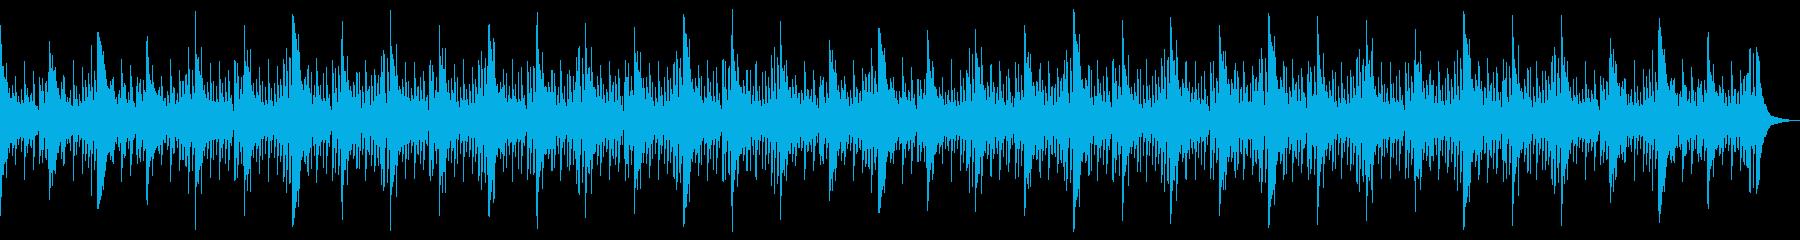 読書・リラックス・ローファイヒップホップの再生済みの波形